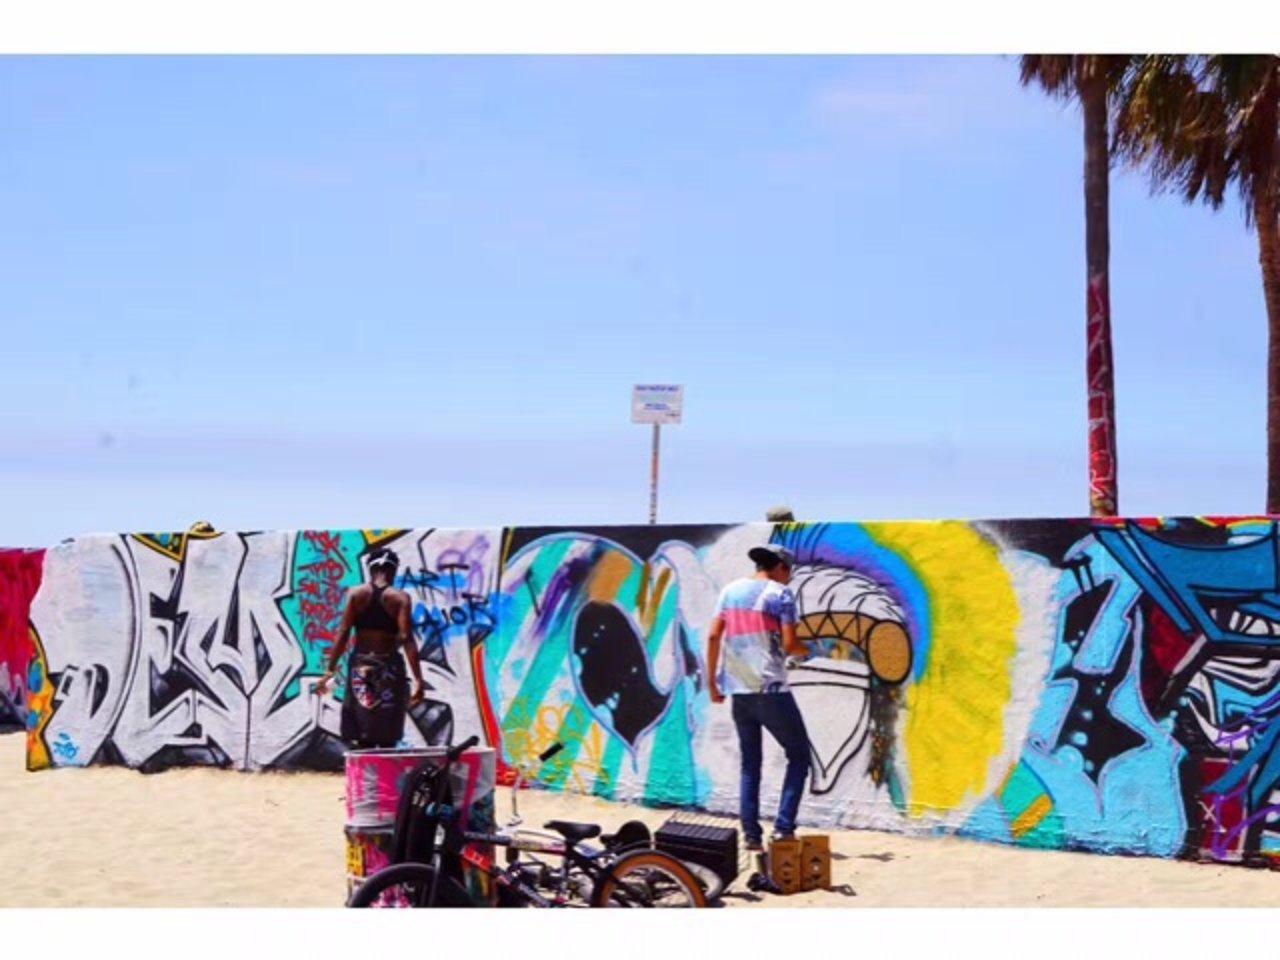 【威尼斯海滩与涂鸦艺人】从Airbnb体验项目说开来